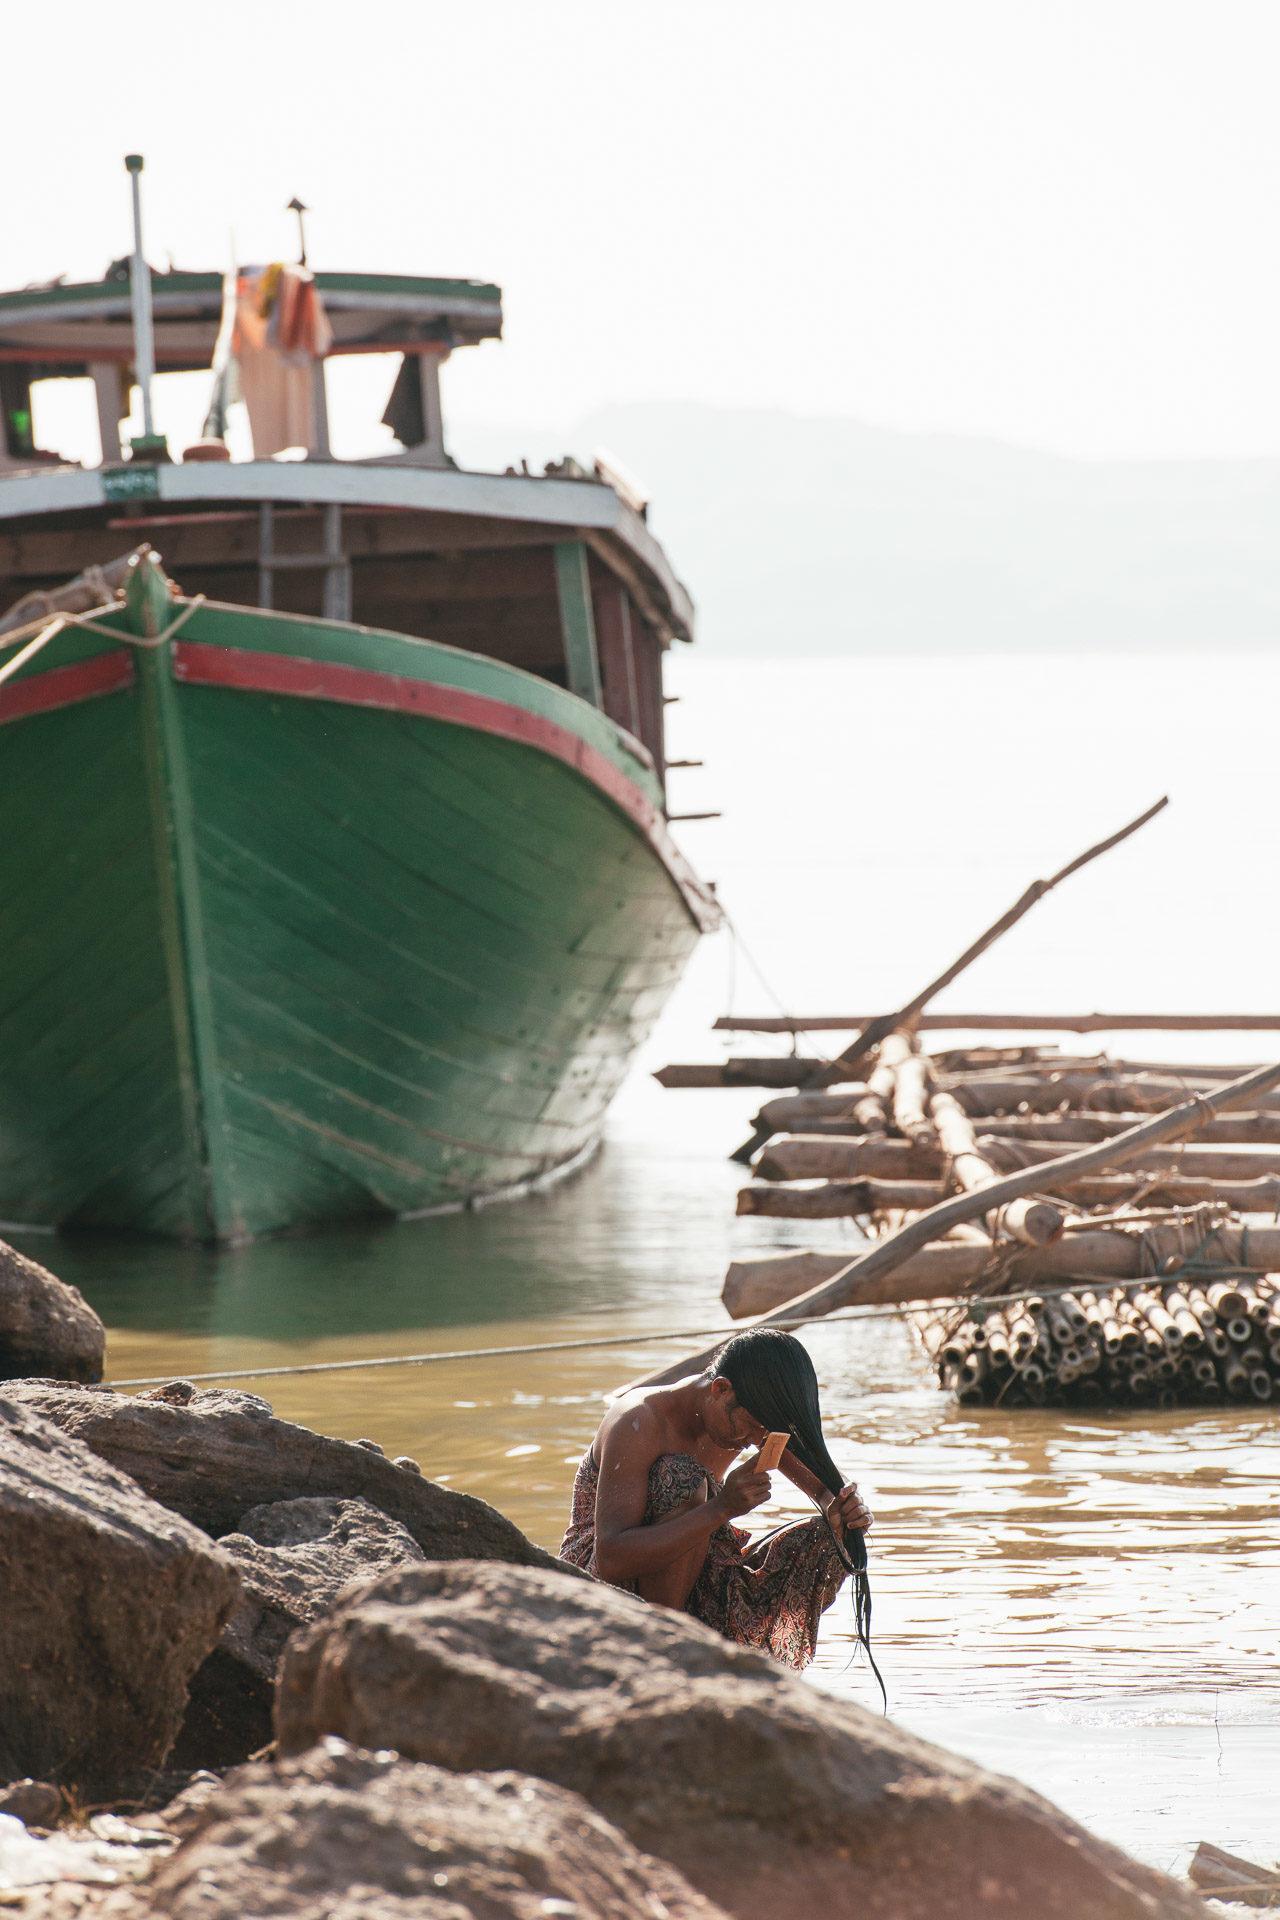 Frau Körperpflege Boot Fluss Myanmar Fotostory von Redeleit und Junker